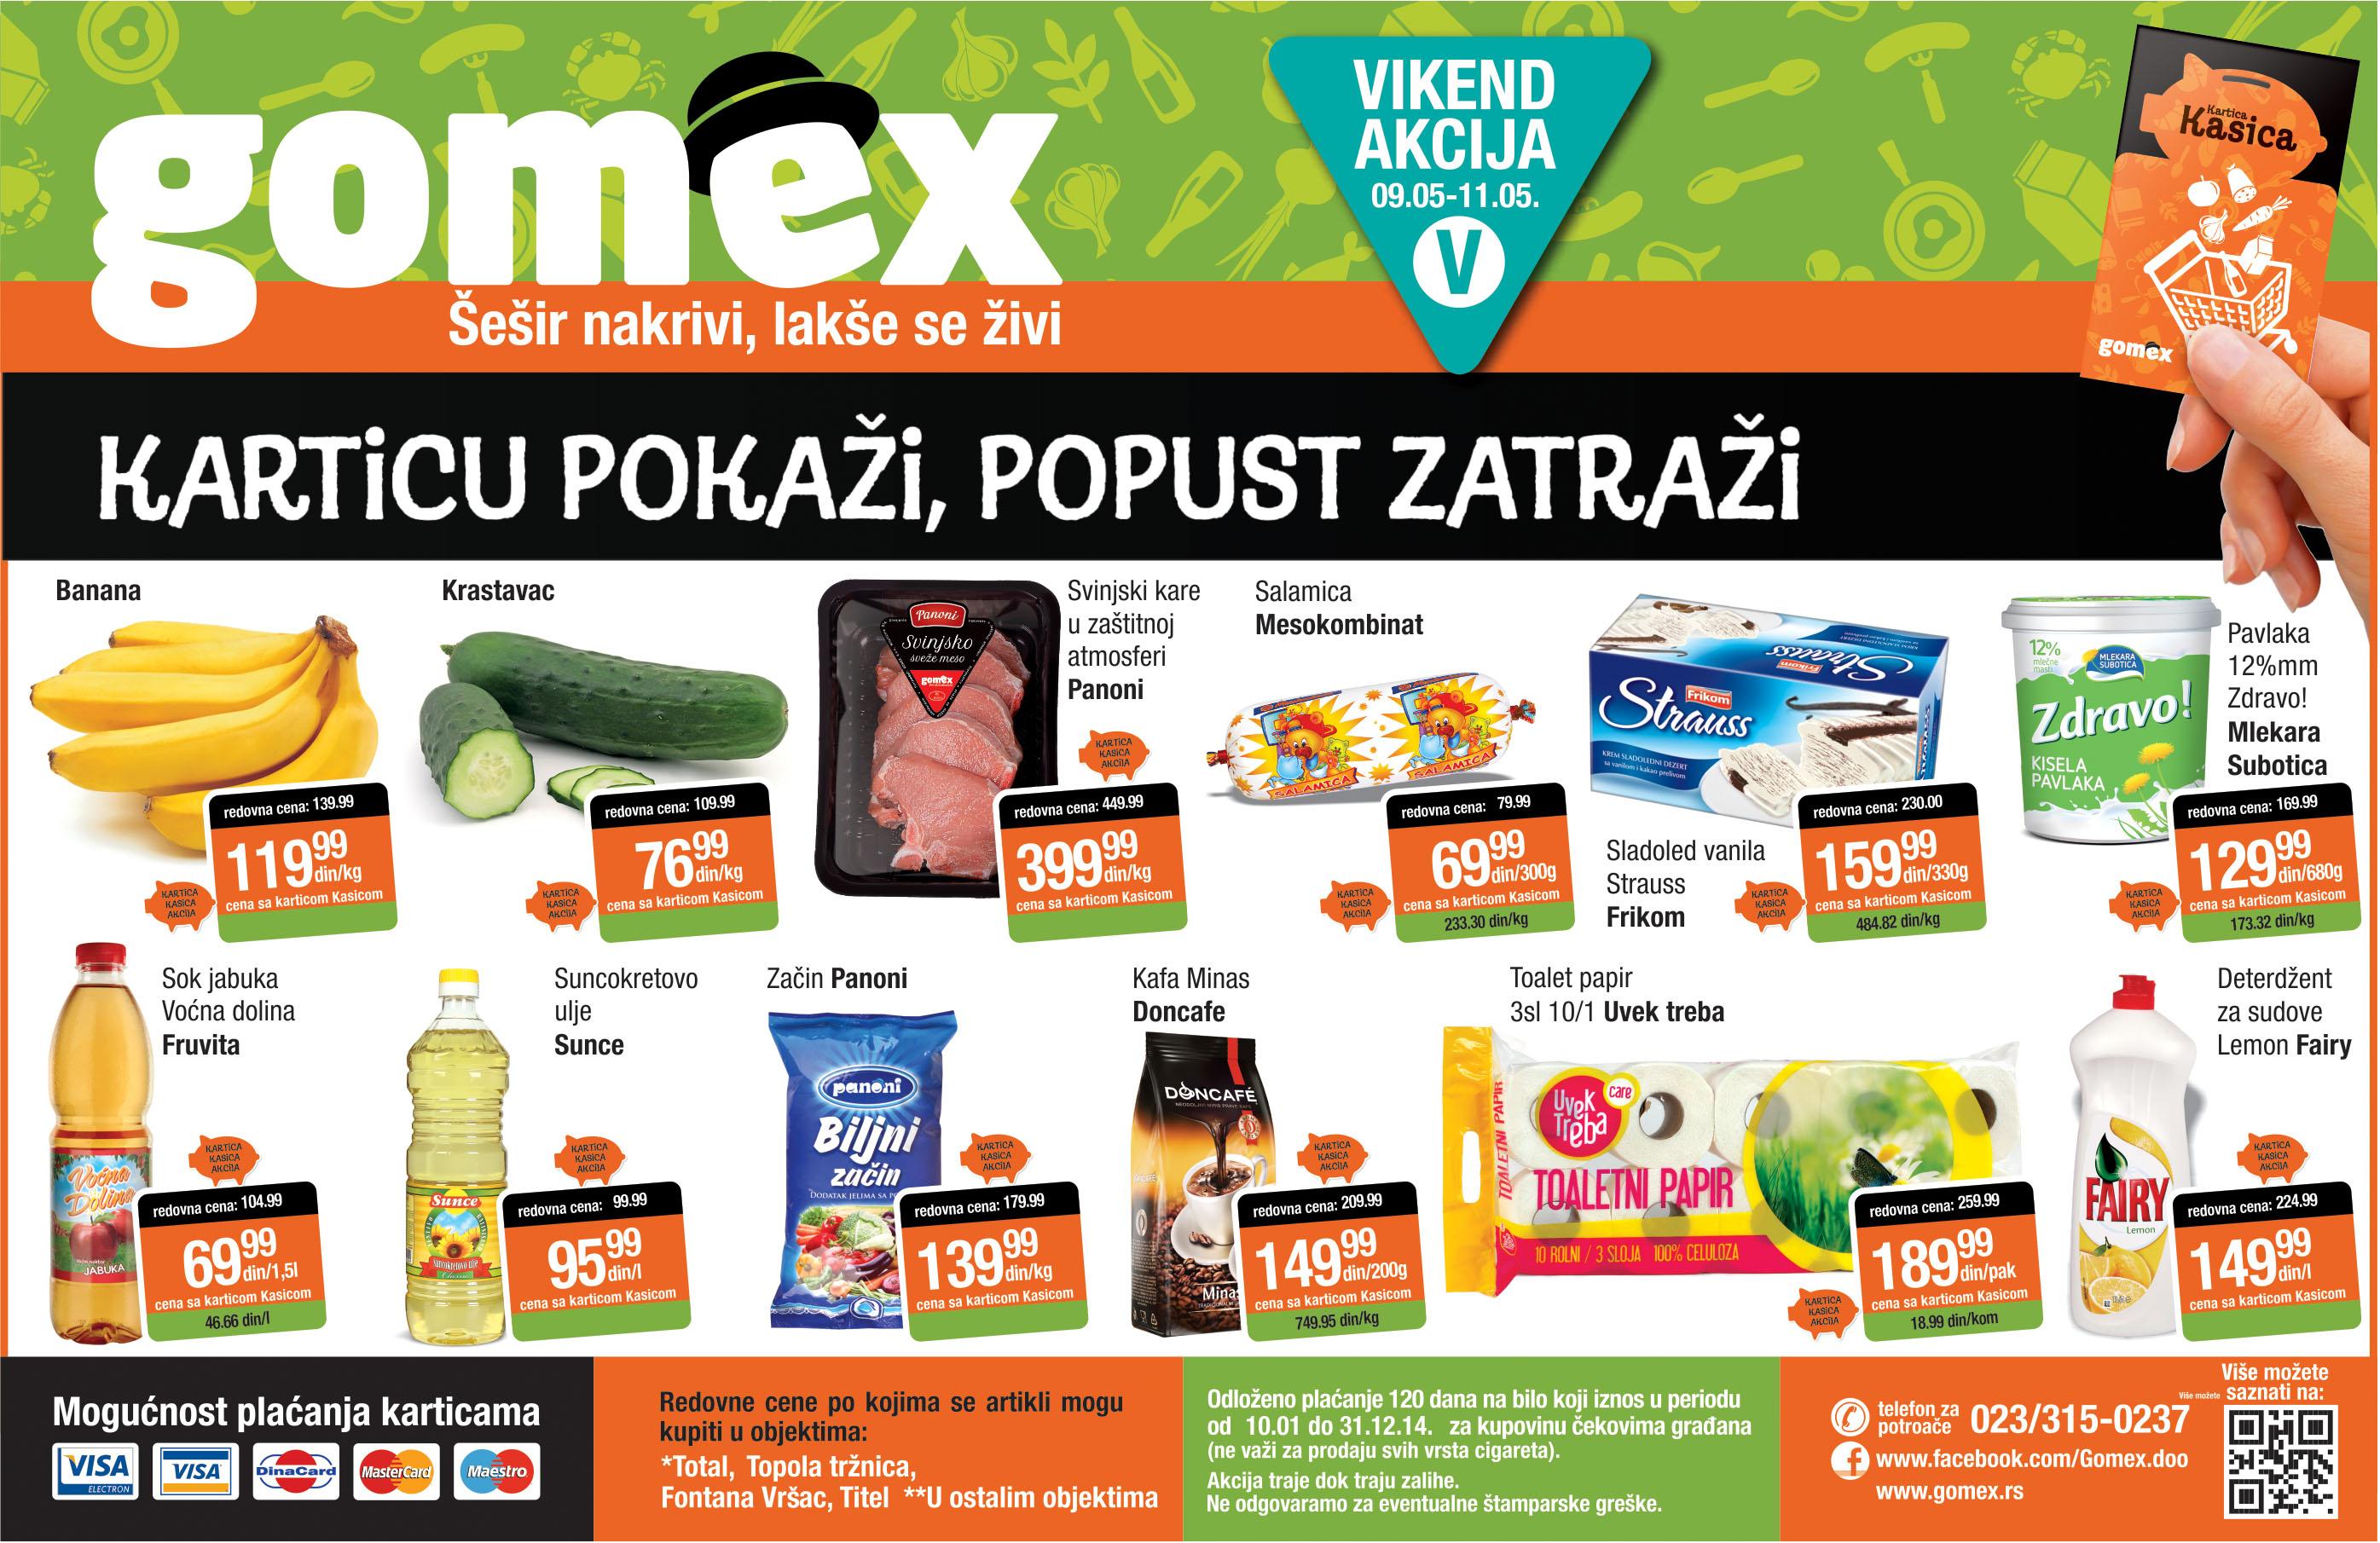 Gomex akcija niskih cena